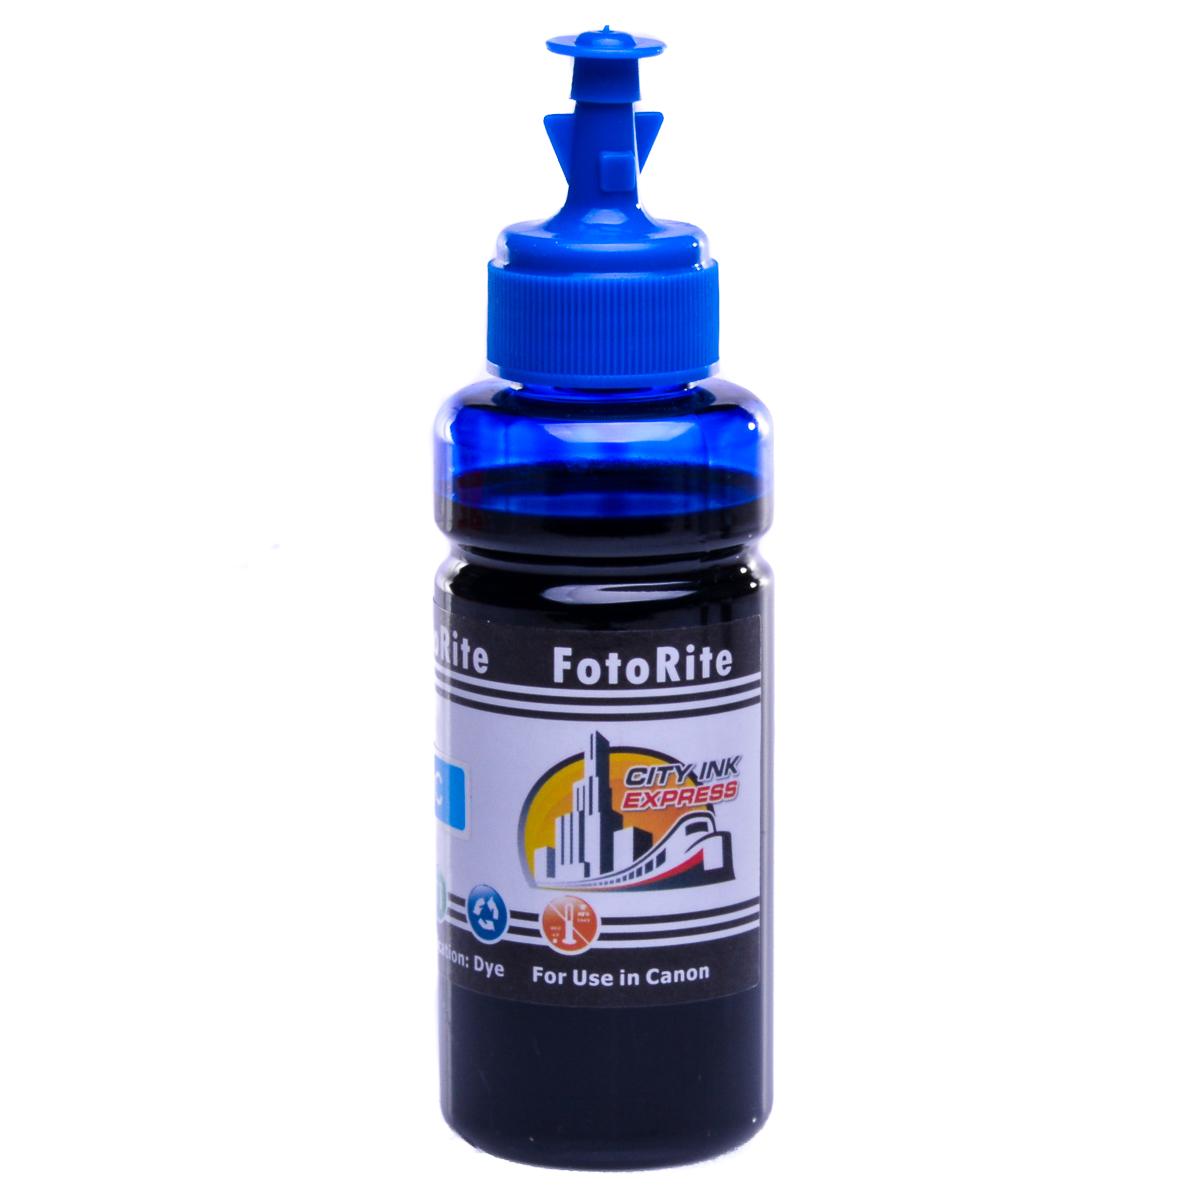 Cheap Cyan dye ink replaces Canon Pixma IP4700 - CLI-521C